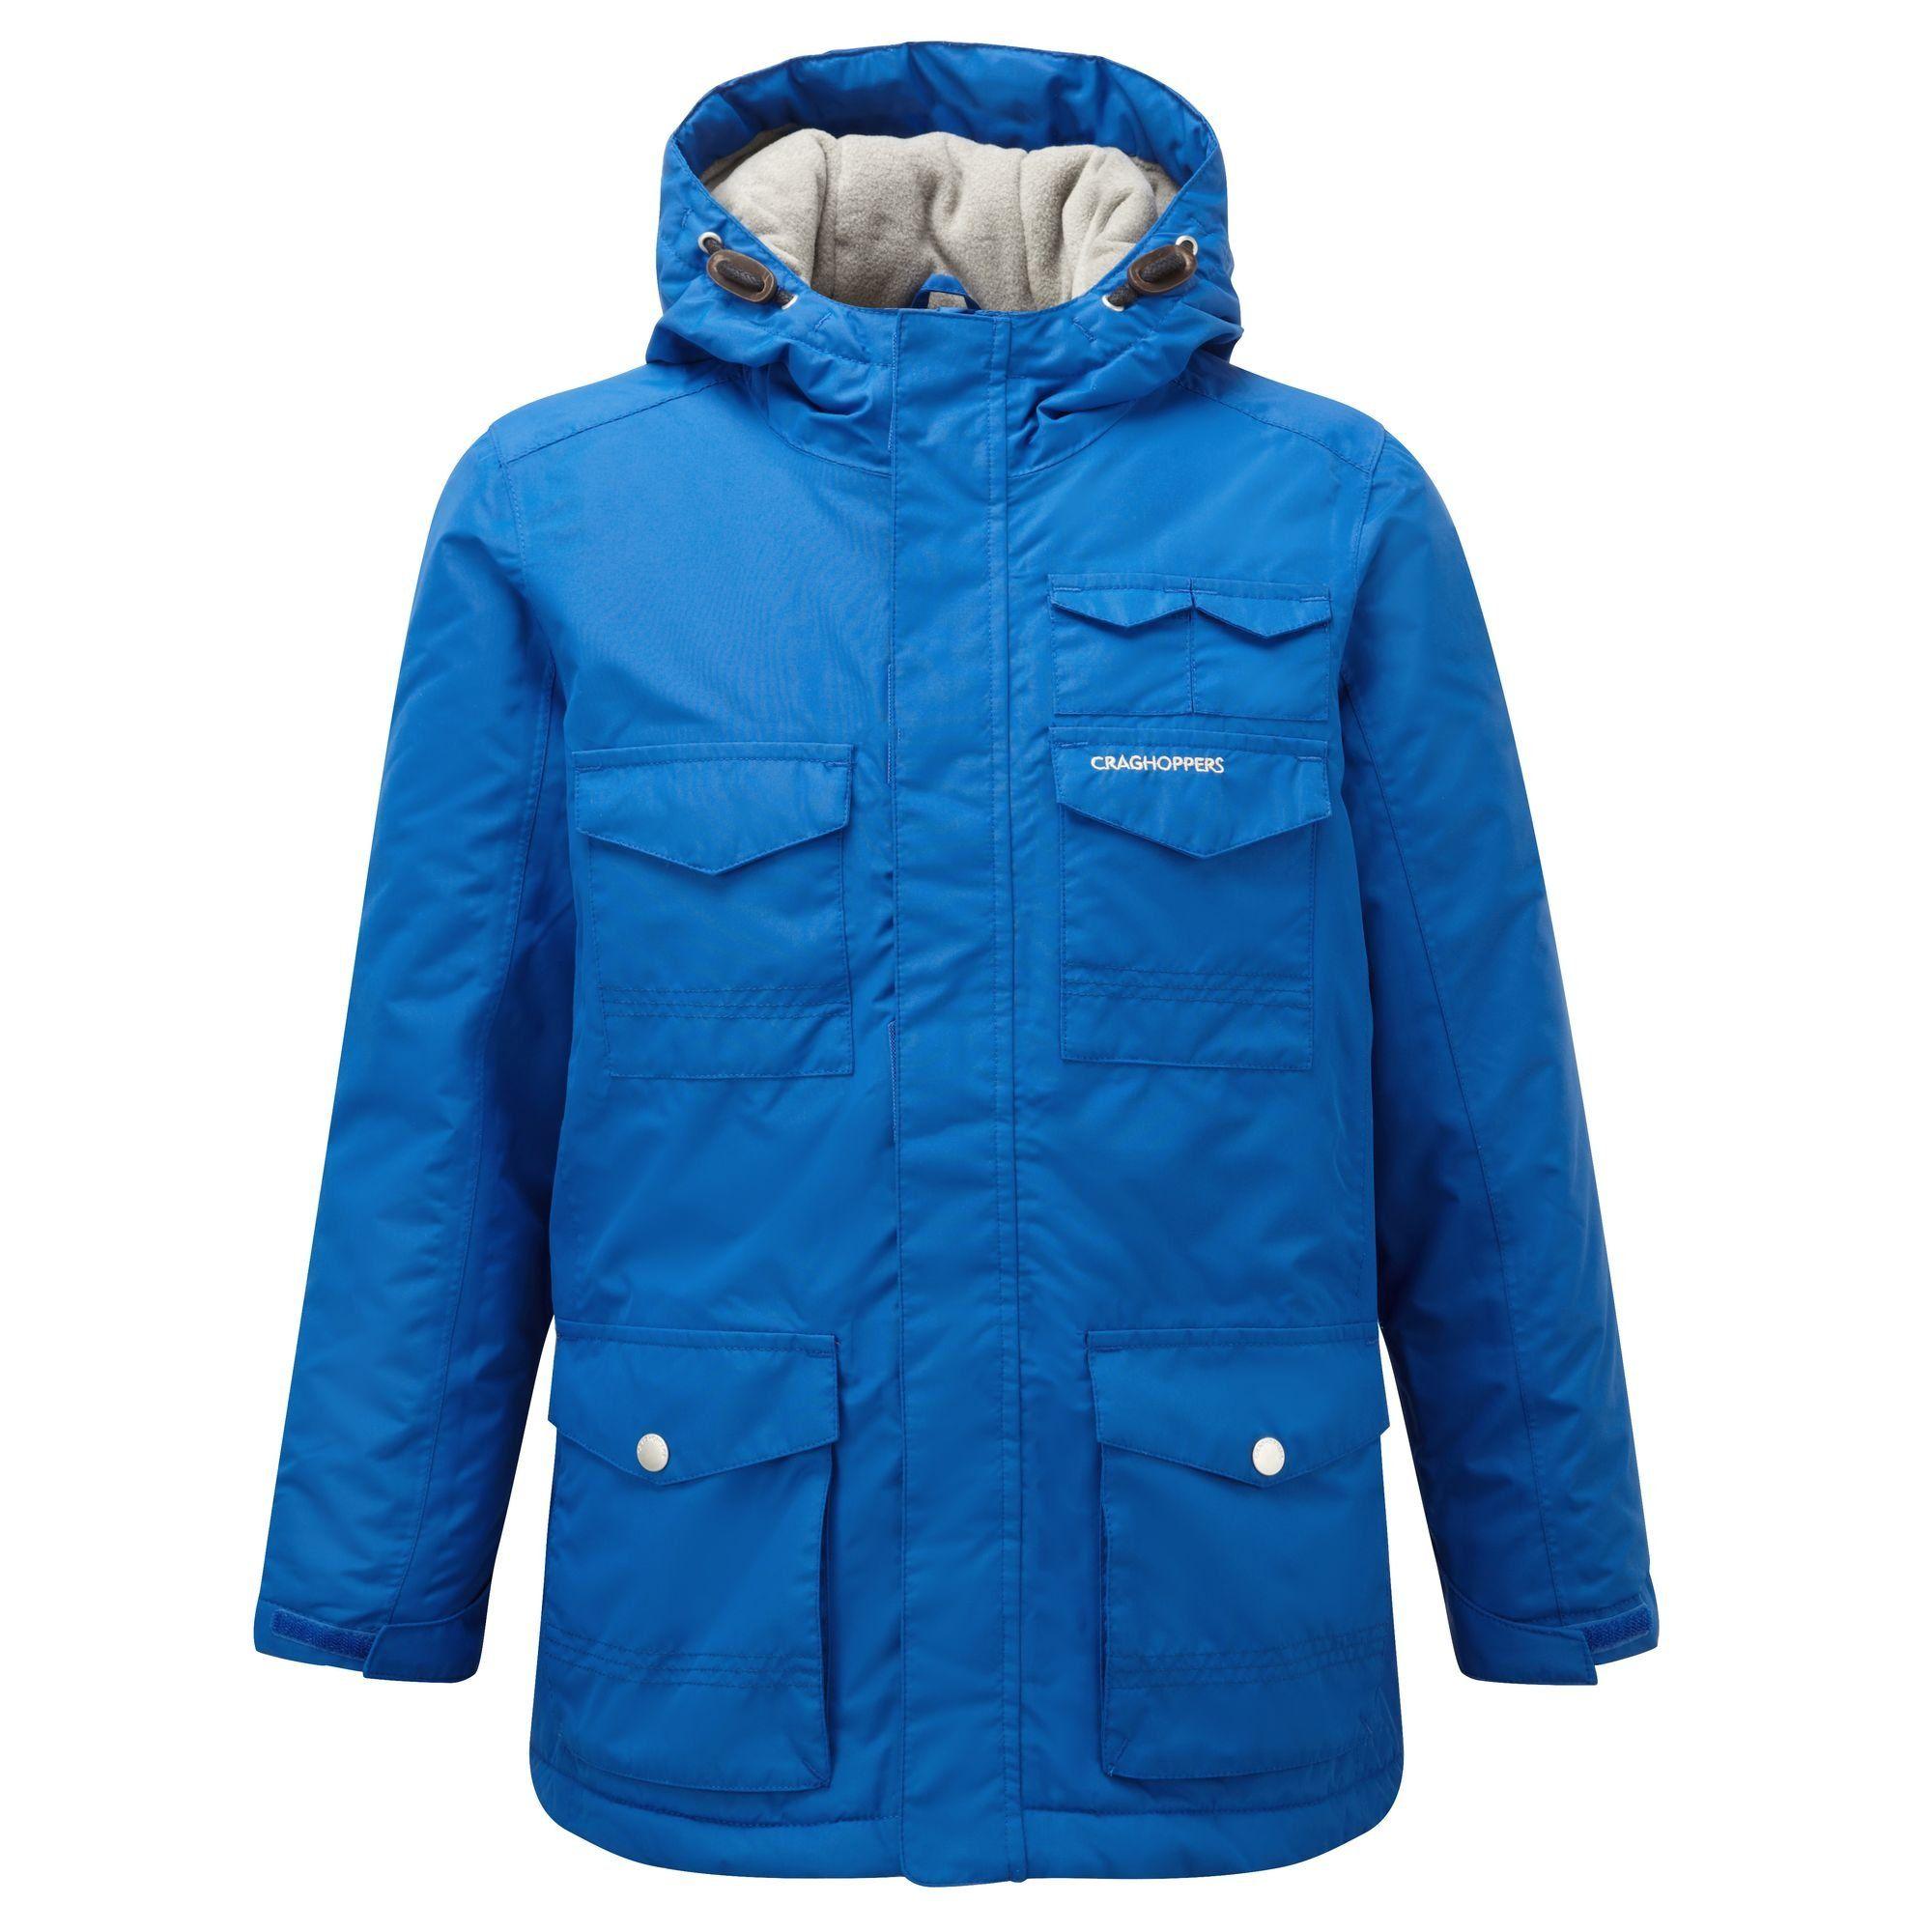 c72fc5174816 Craghoppers Childrens Kids Alix Waterproof Jacket (13 Years) (Deep ...